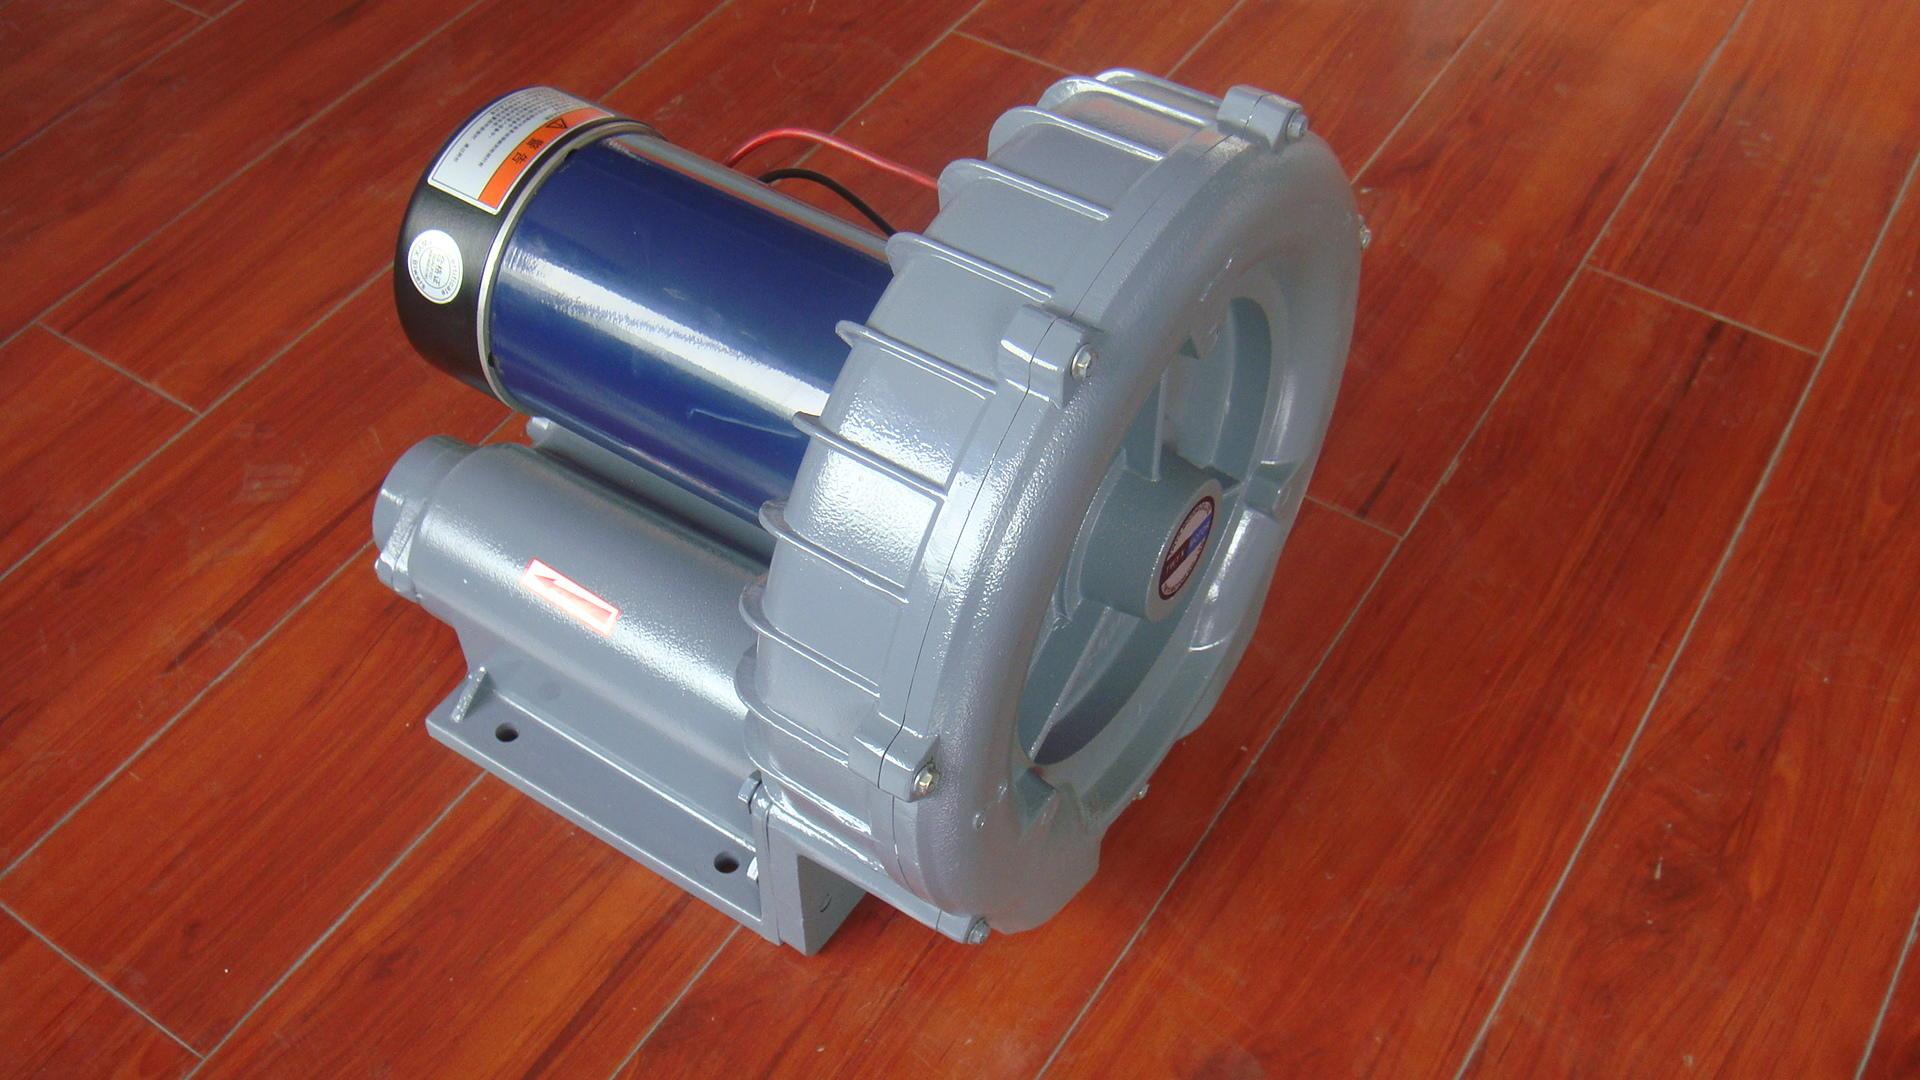 直流风机-直流鼓风机-中压鼓风机-高压直流风机-24v电机-12v电机示例图3